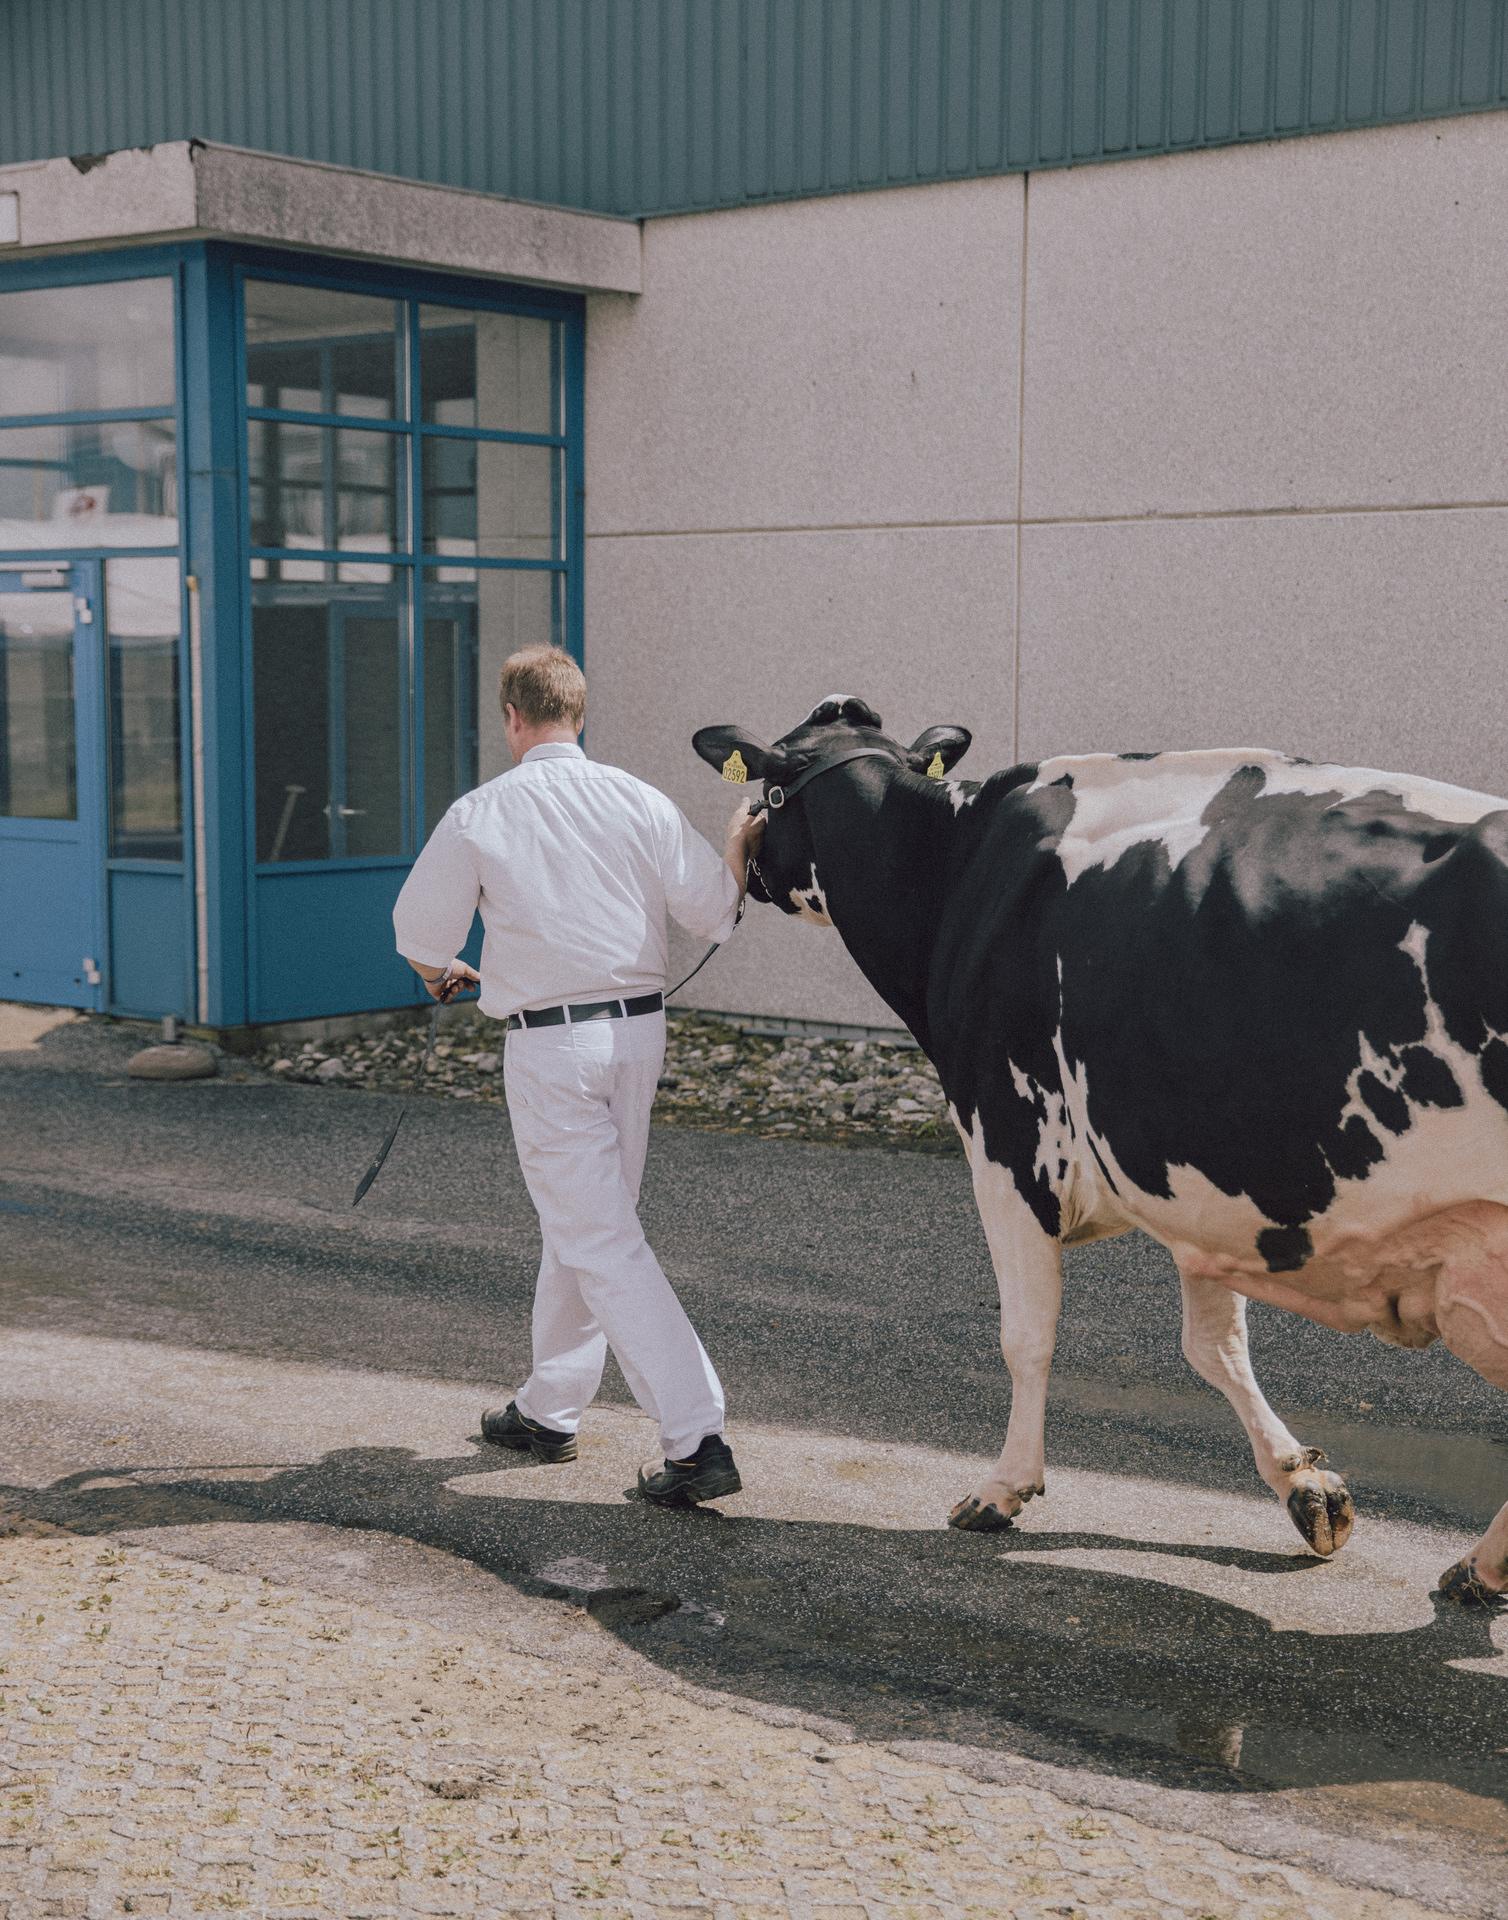 Senere vinder af Miss Danmark 2019, Danmarks smukkeste malkeko, til Landsskuet i Herning 2019. Her tr�kkes den rundt om hallen, inden den endelige k�ring finder sted.Koen er fra Raunh�j Dairy i Hjortsh�j.